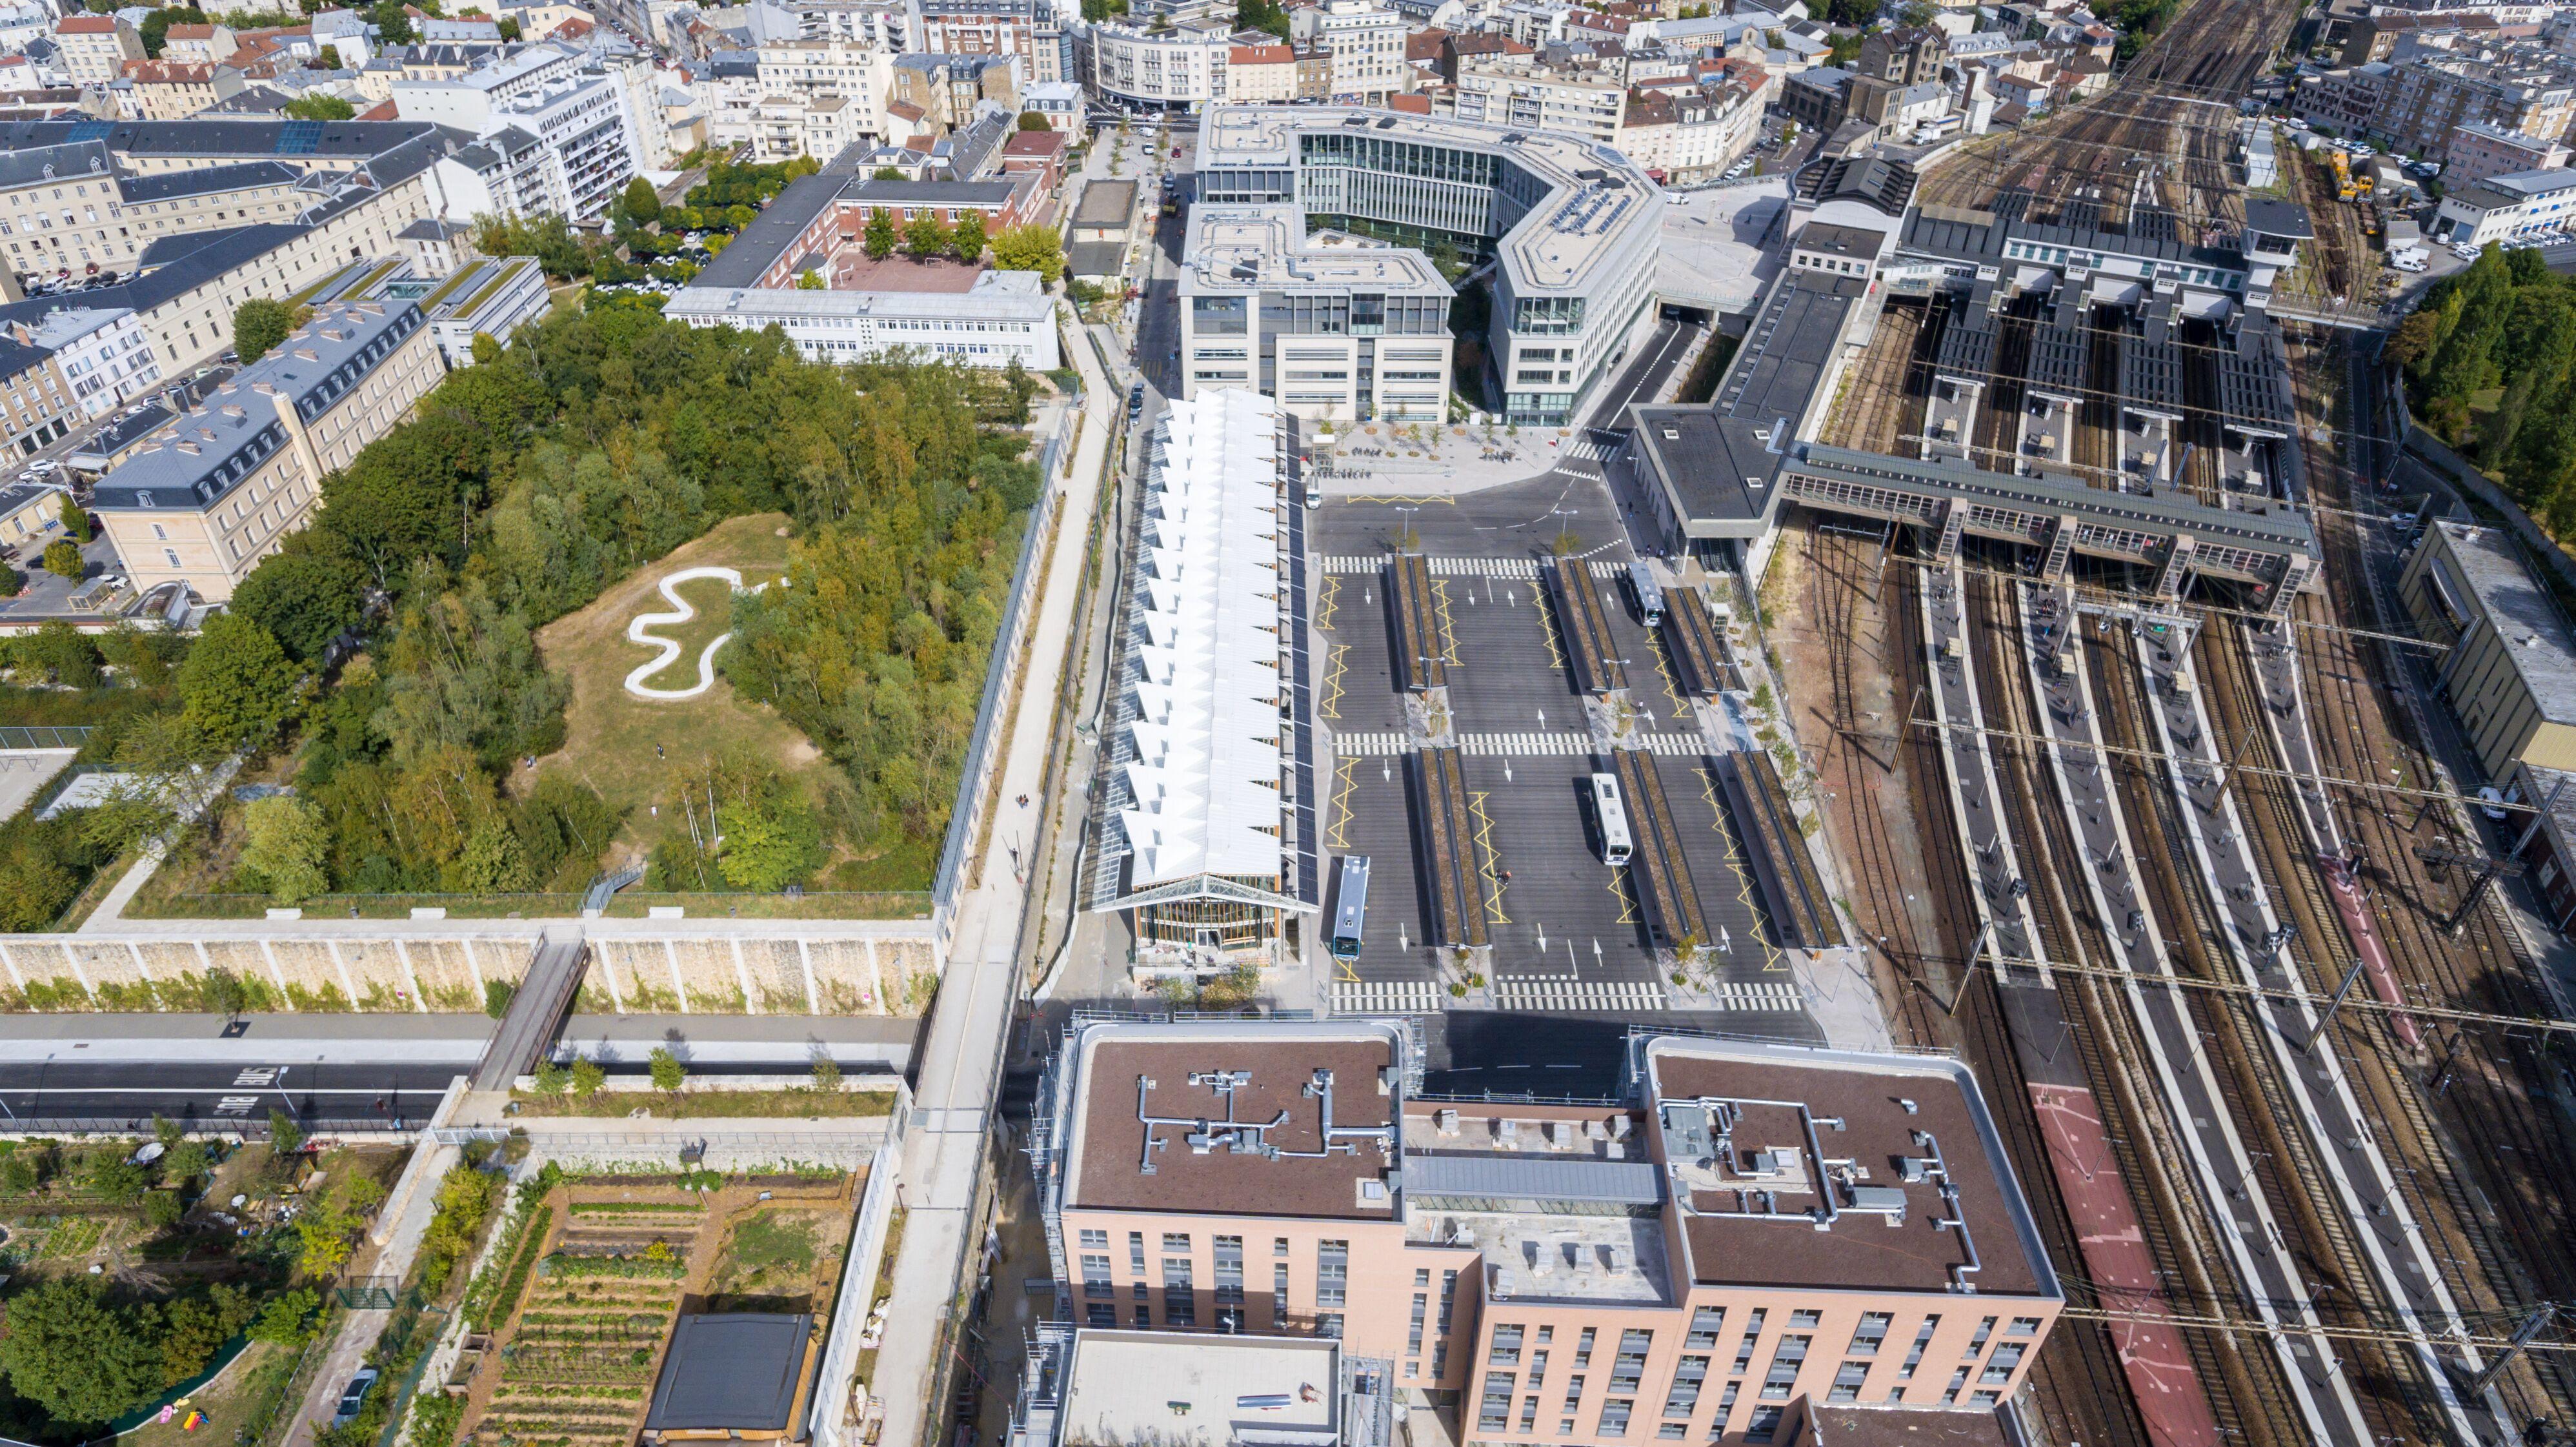 Versailles-Chantiers : un quartier contemporain dans une ville historique